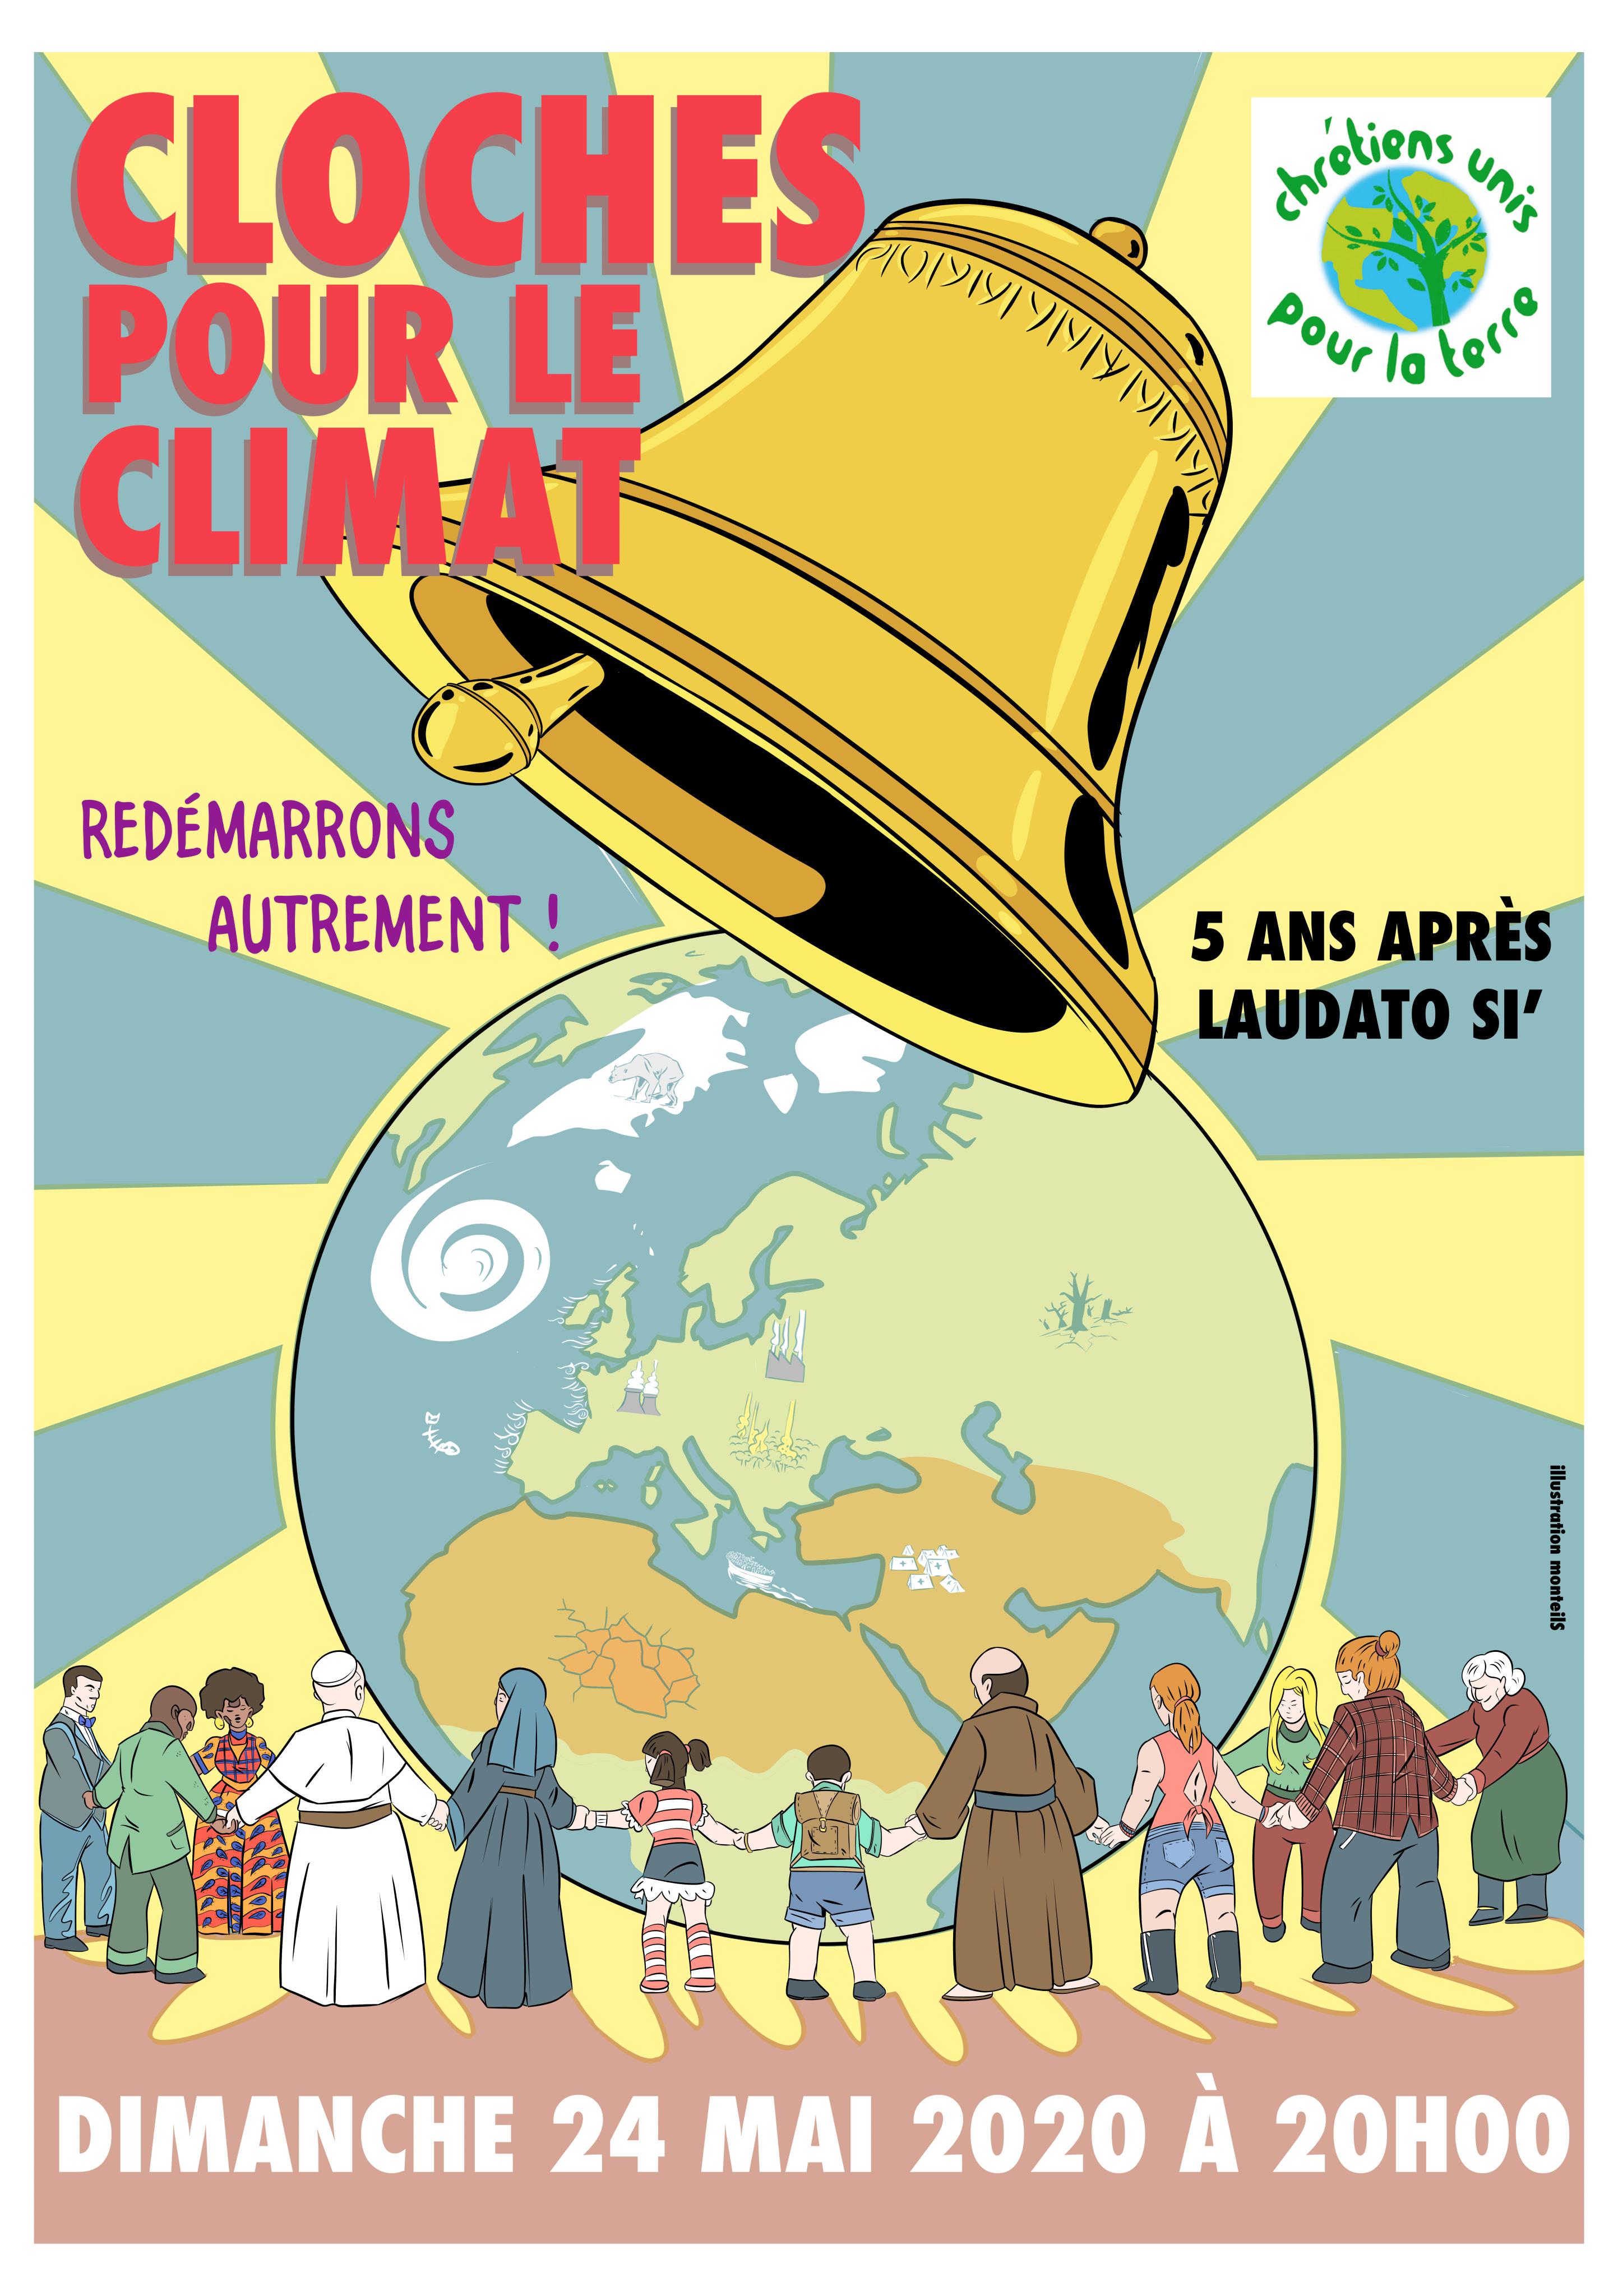 Les cloches sonnent pour le climat : re-démarrons autrement!